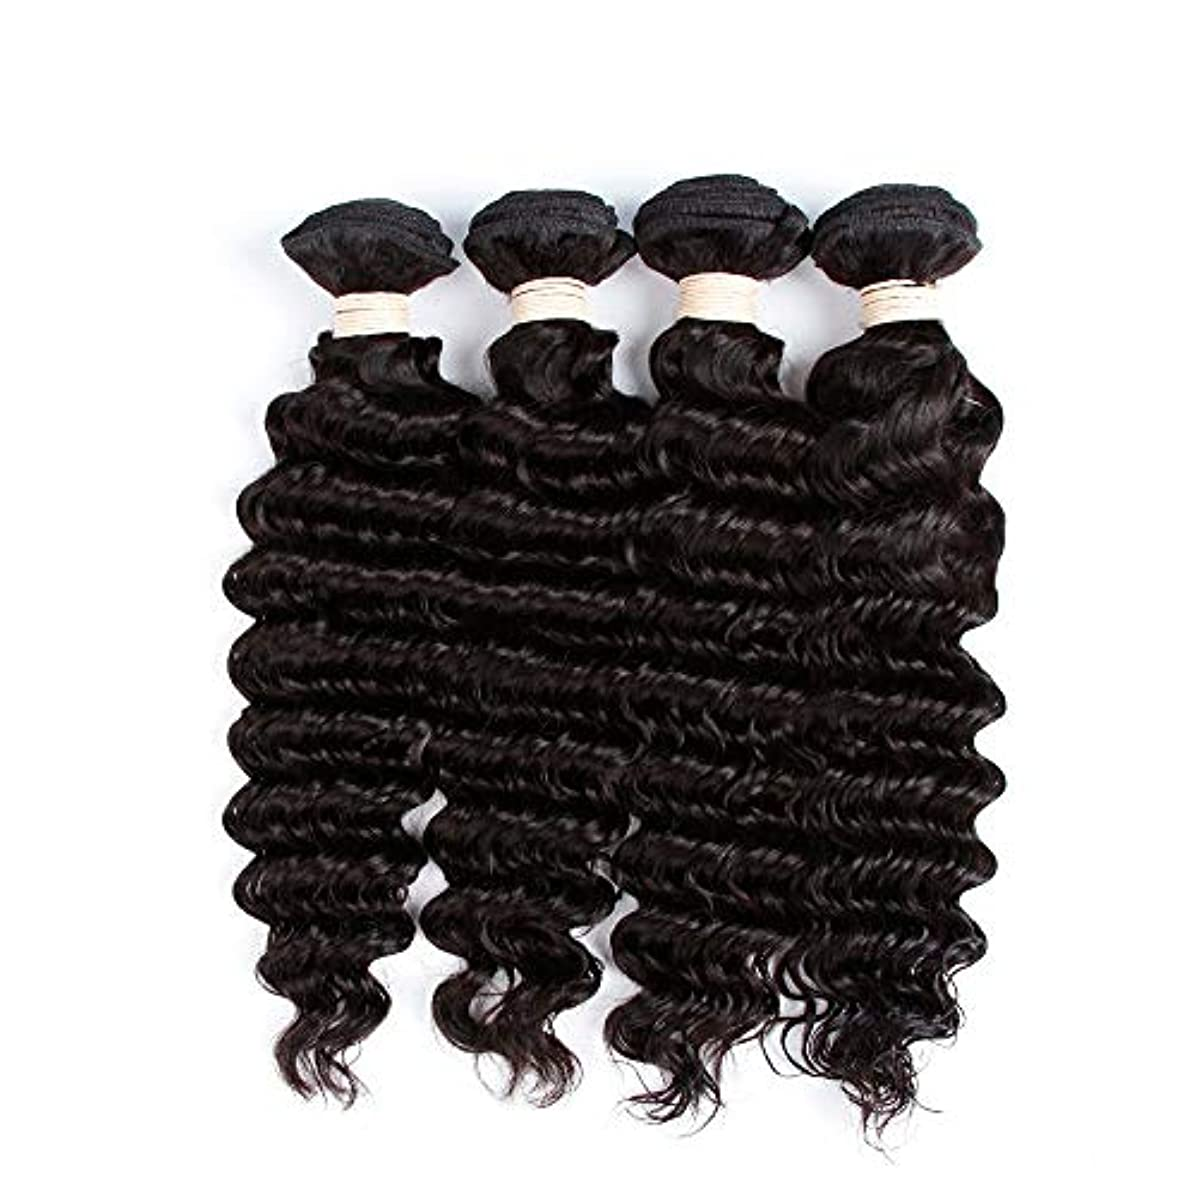 モーテル暴露進化するHOHYLLYA 未処理のブラジルの深い巻き毛の束本物の人間のバージンヘアエクステンション - 1束#1Bナチュラルカラー(100 +/- 5g)/ pc女性複合かつらレースかつらロールプレイングかつら (色 : 黒,...